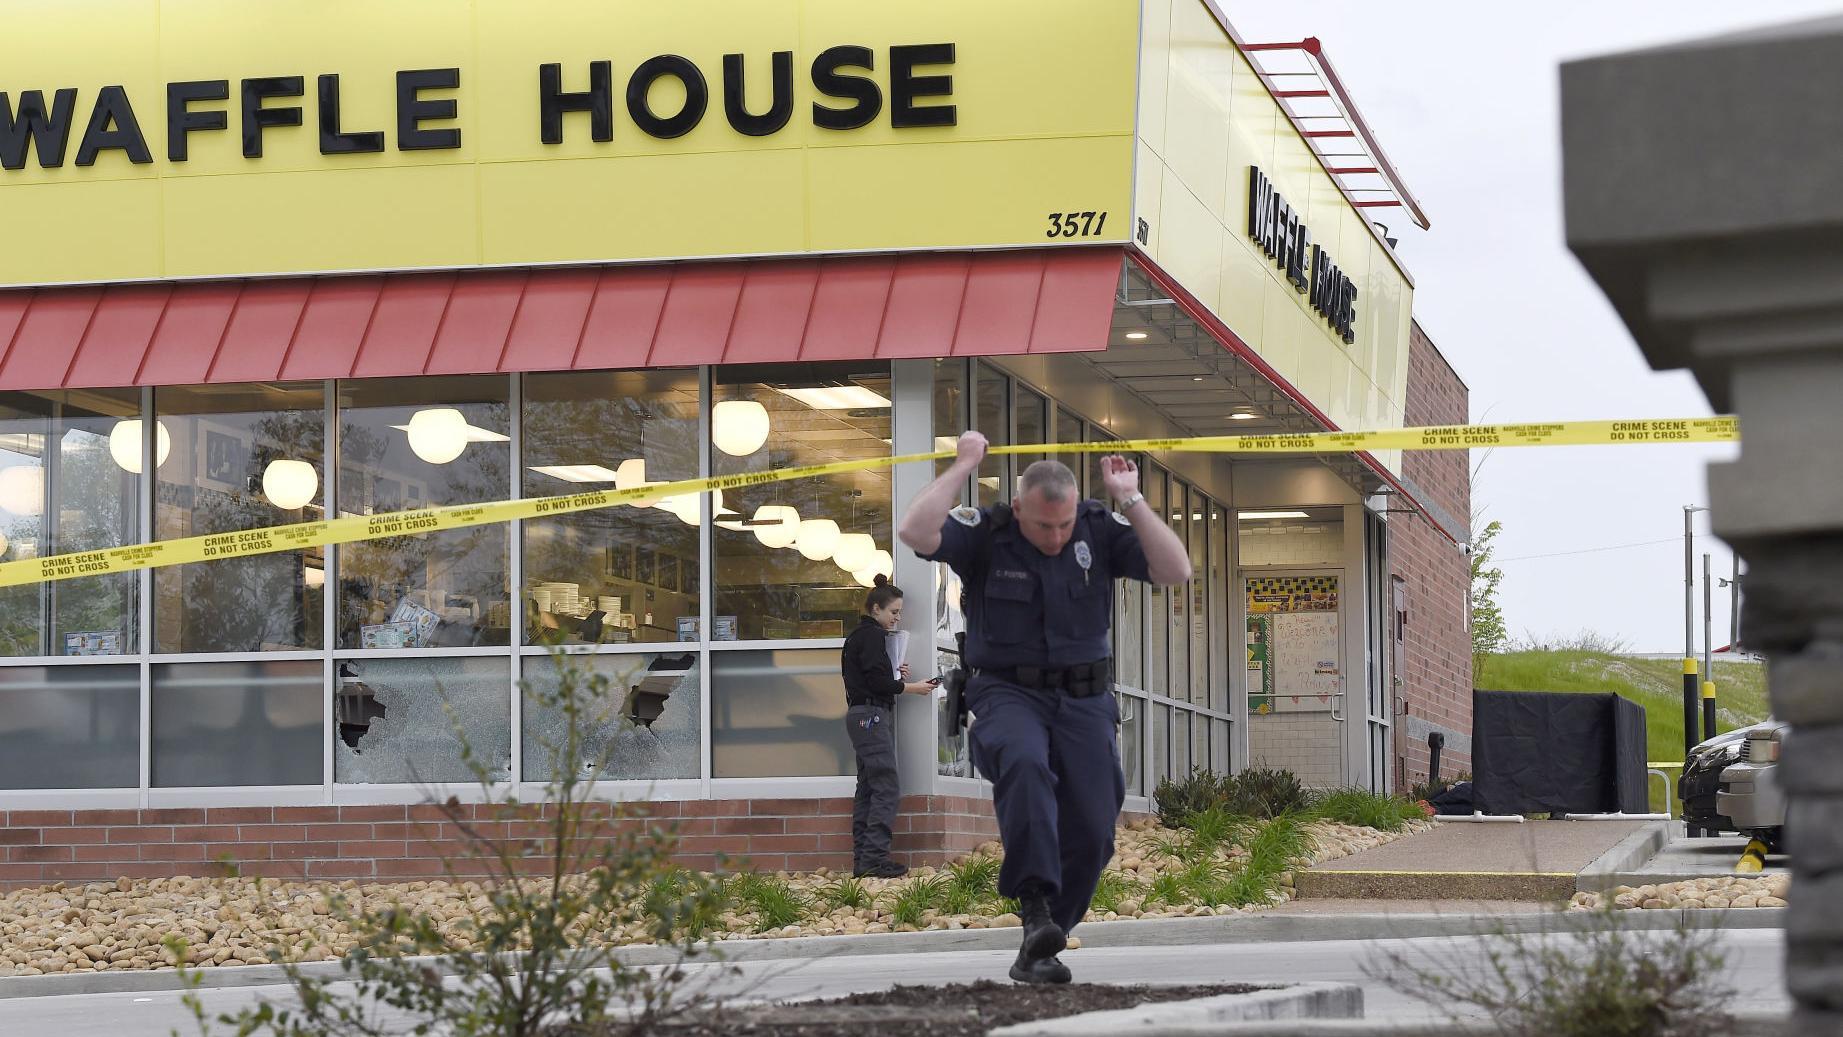 Police seek suspect after 4 shot dead in Nashville Waffle House